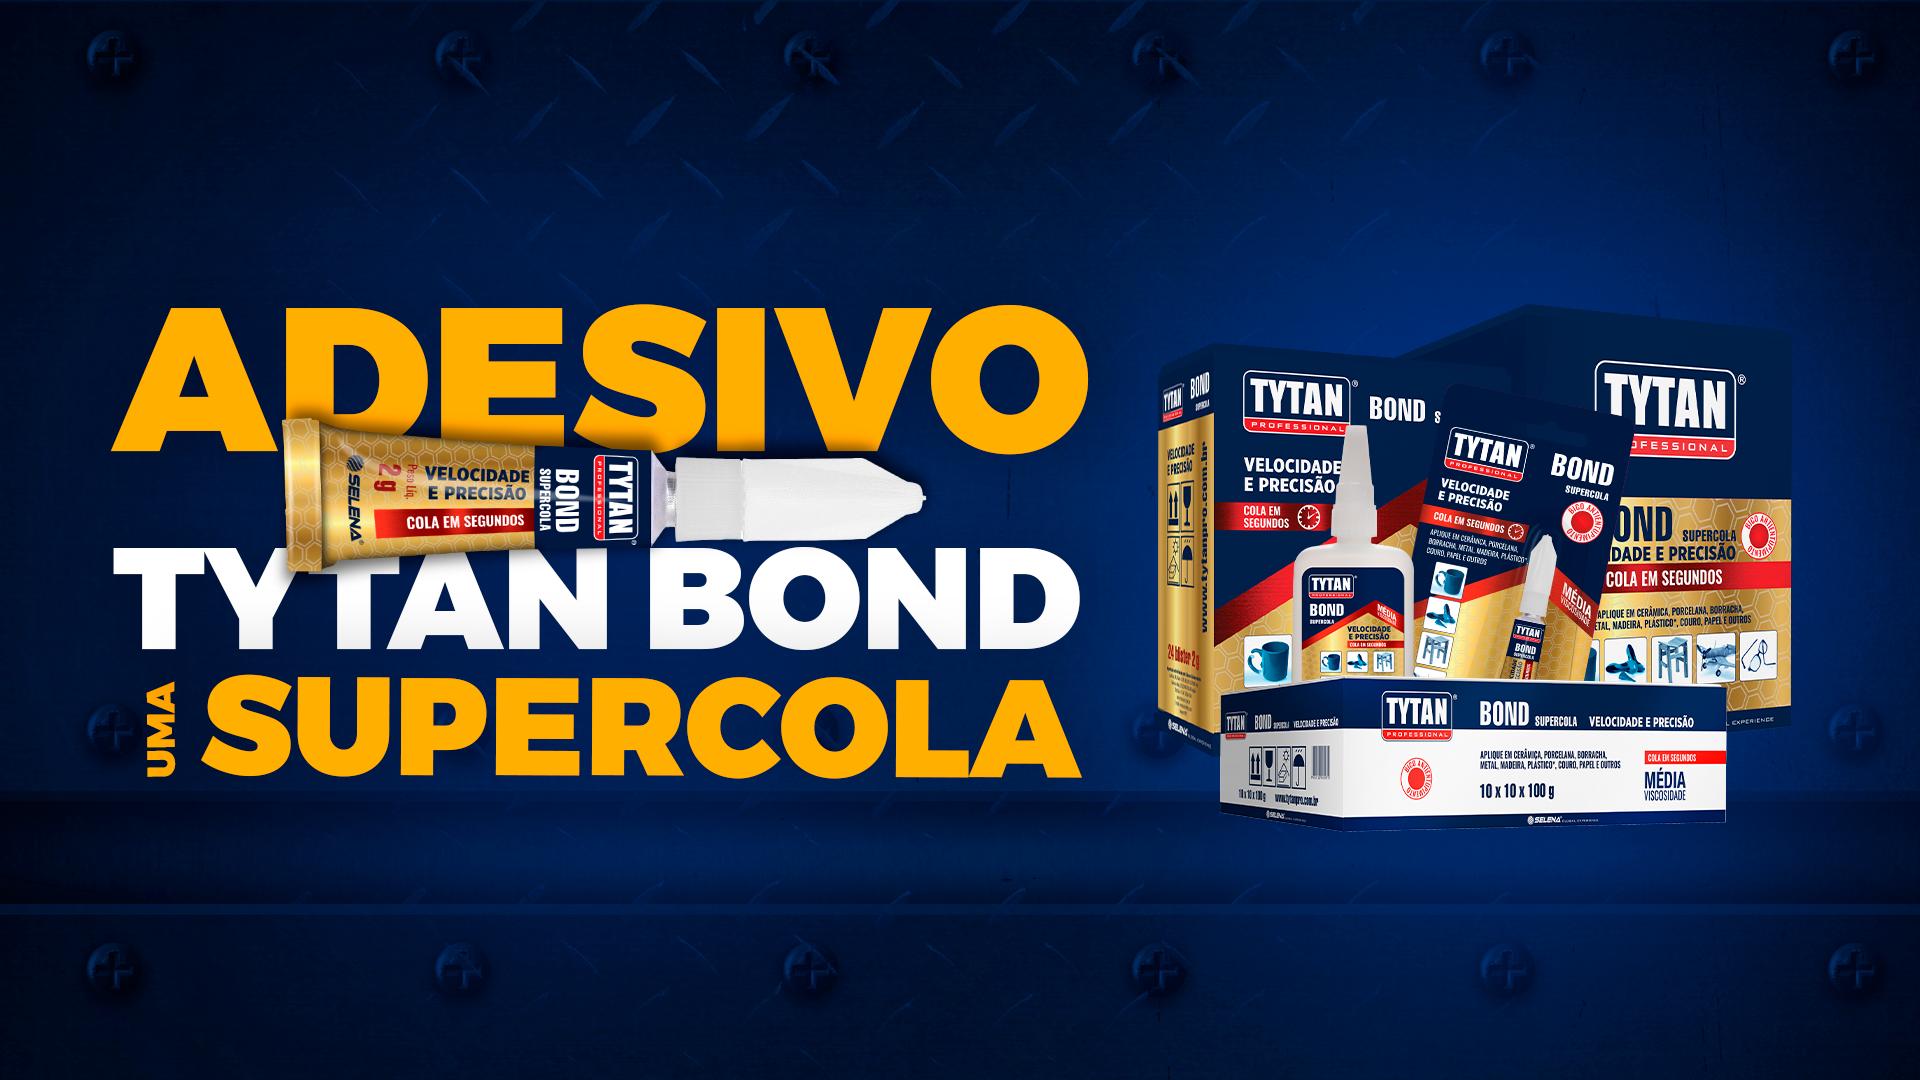 Tytan Bond Supercola